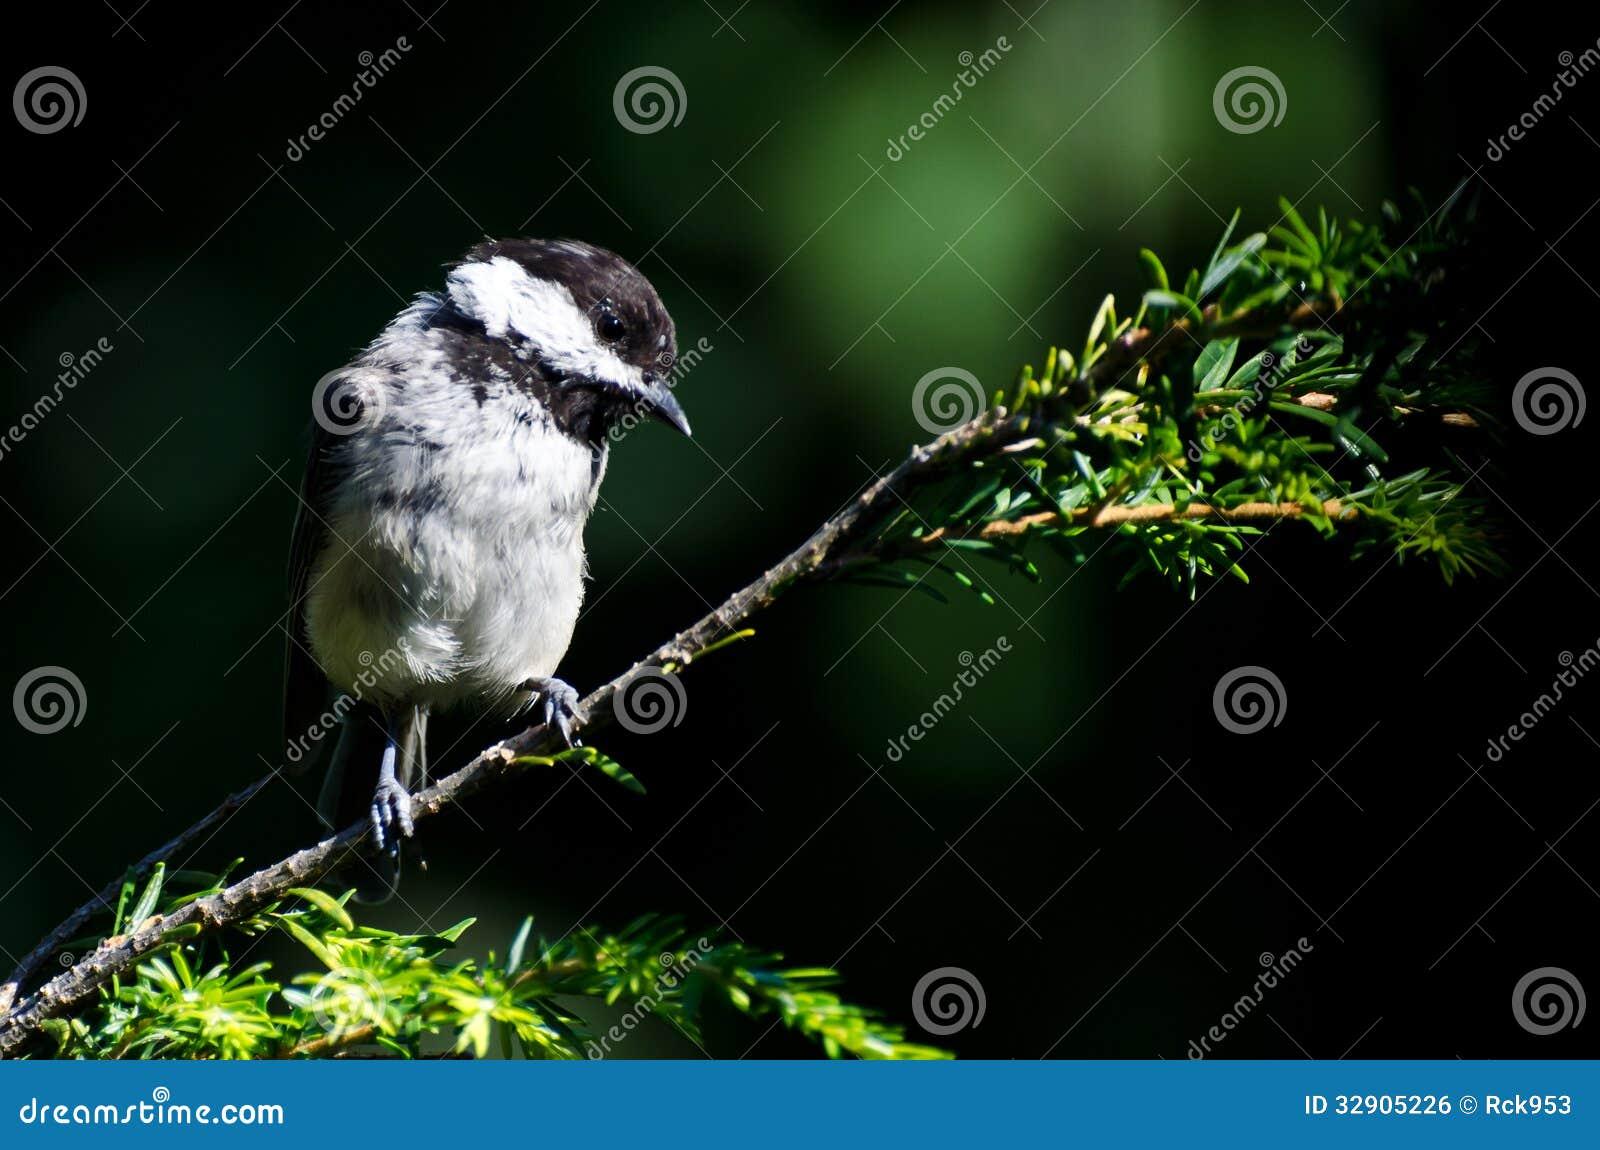 反对绿色山雀的黑加盖的性情兔狲背景图片